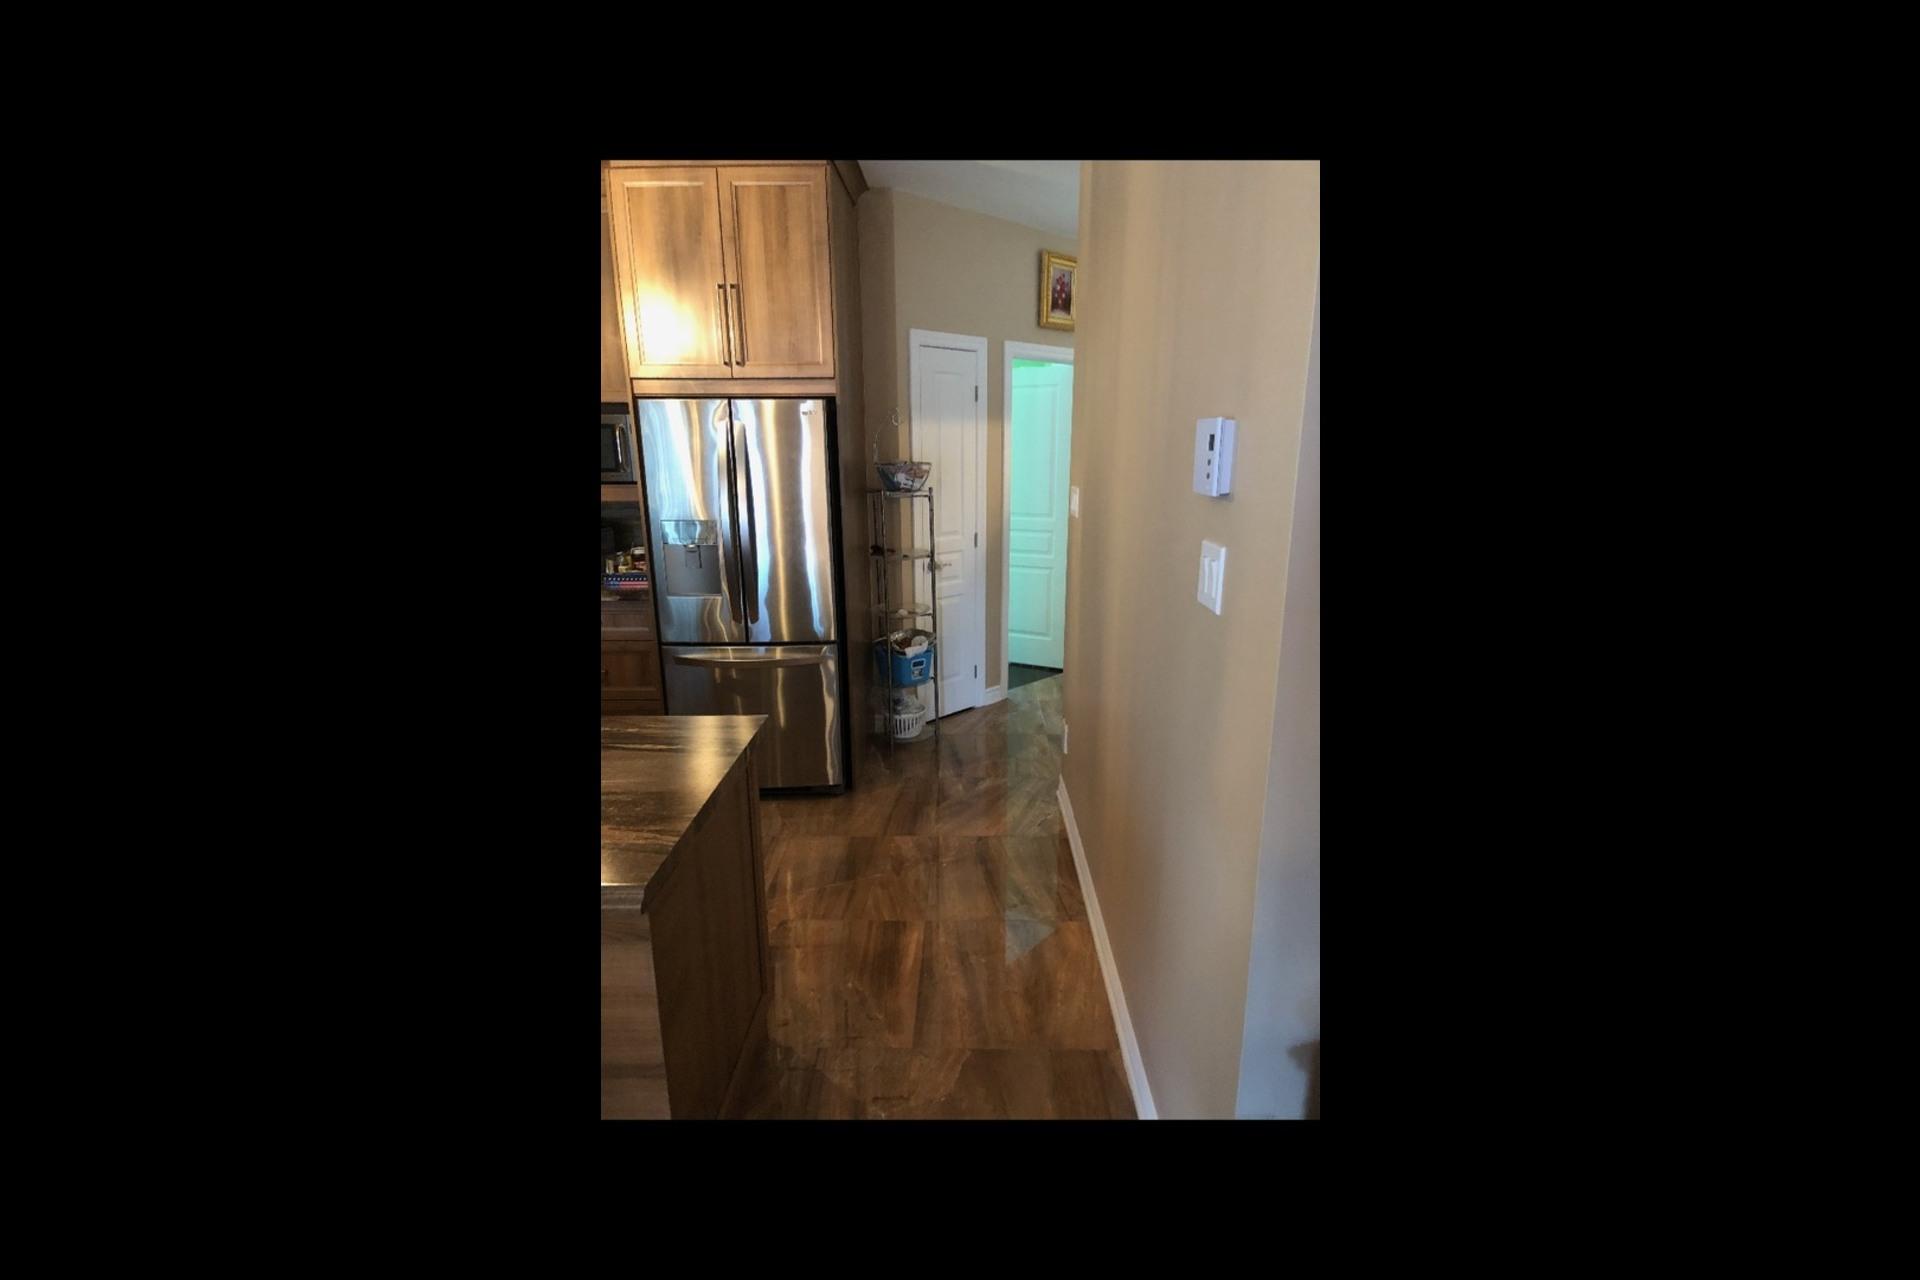 image 5 - Appartement À louer Laval - 3 pièces